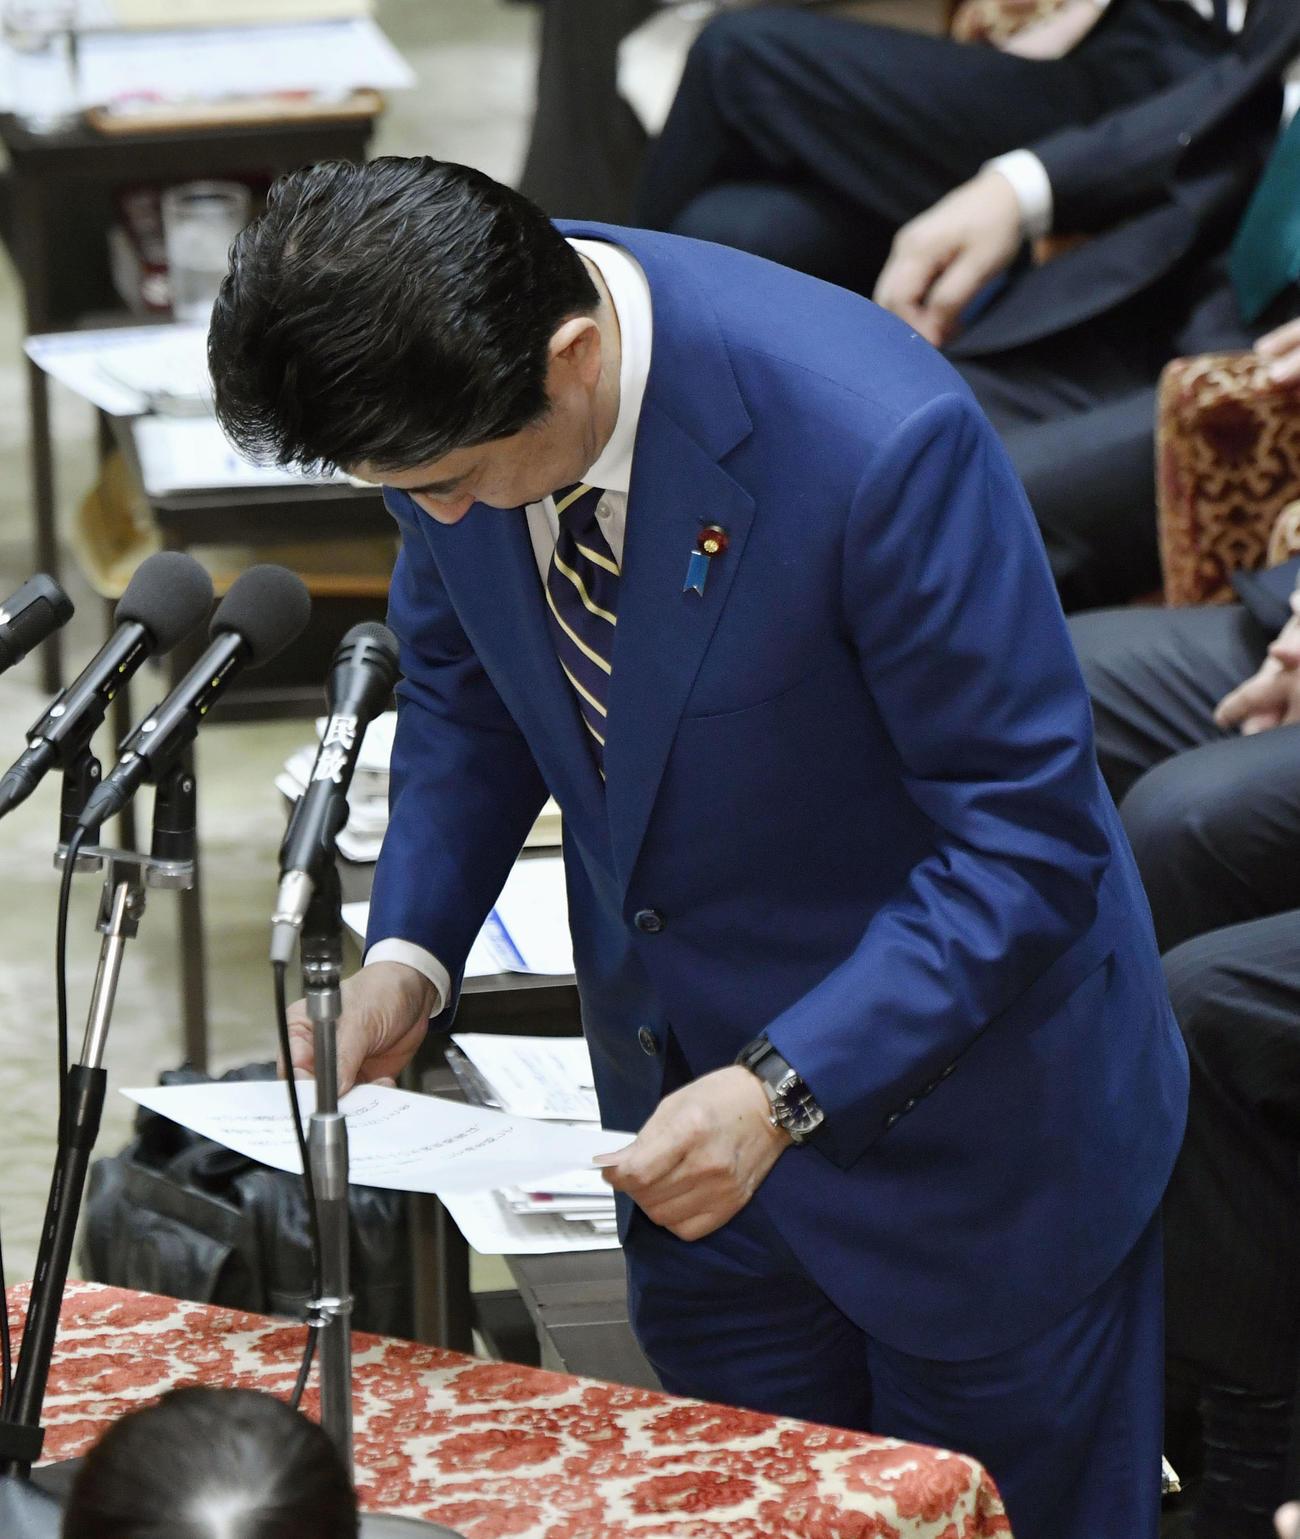 衆院予算委で、立憲民主党の辻元清美氏へのやじを飛ばした問題について謝罪する安倍首相(共同)